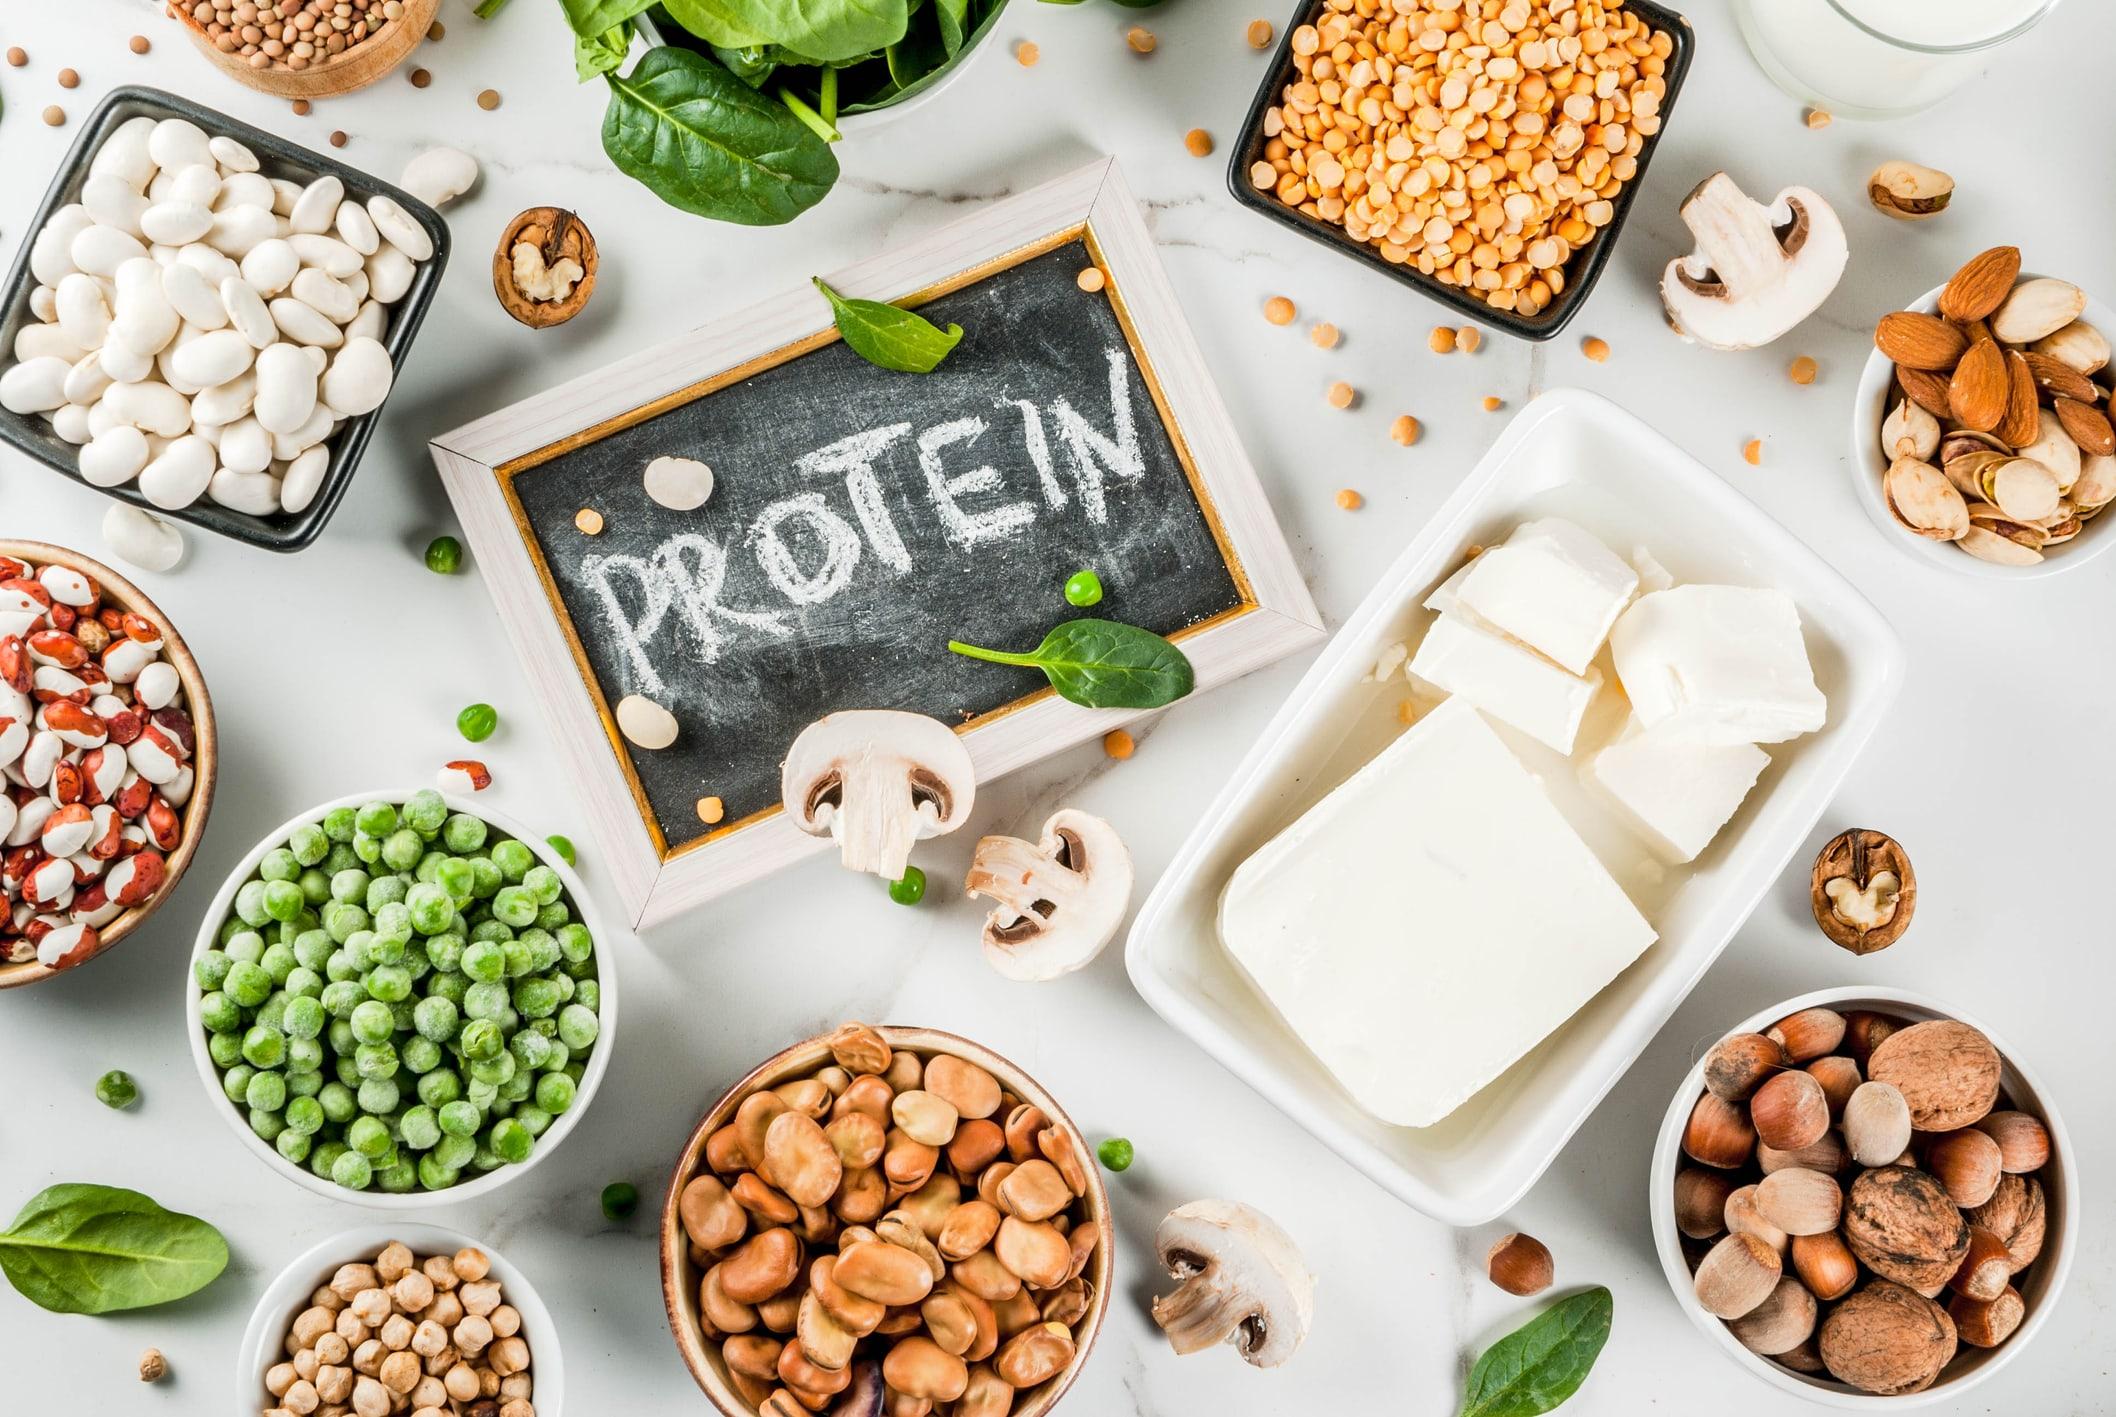 Proteinhaltige Produkte